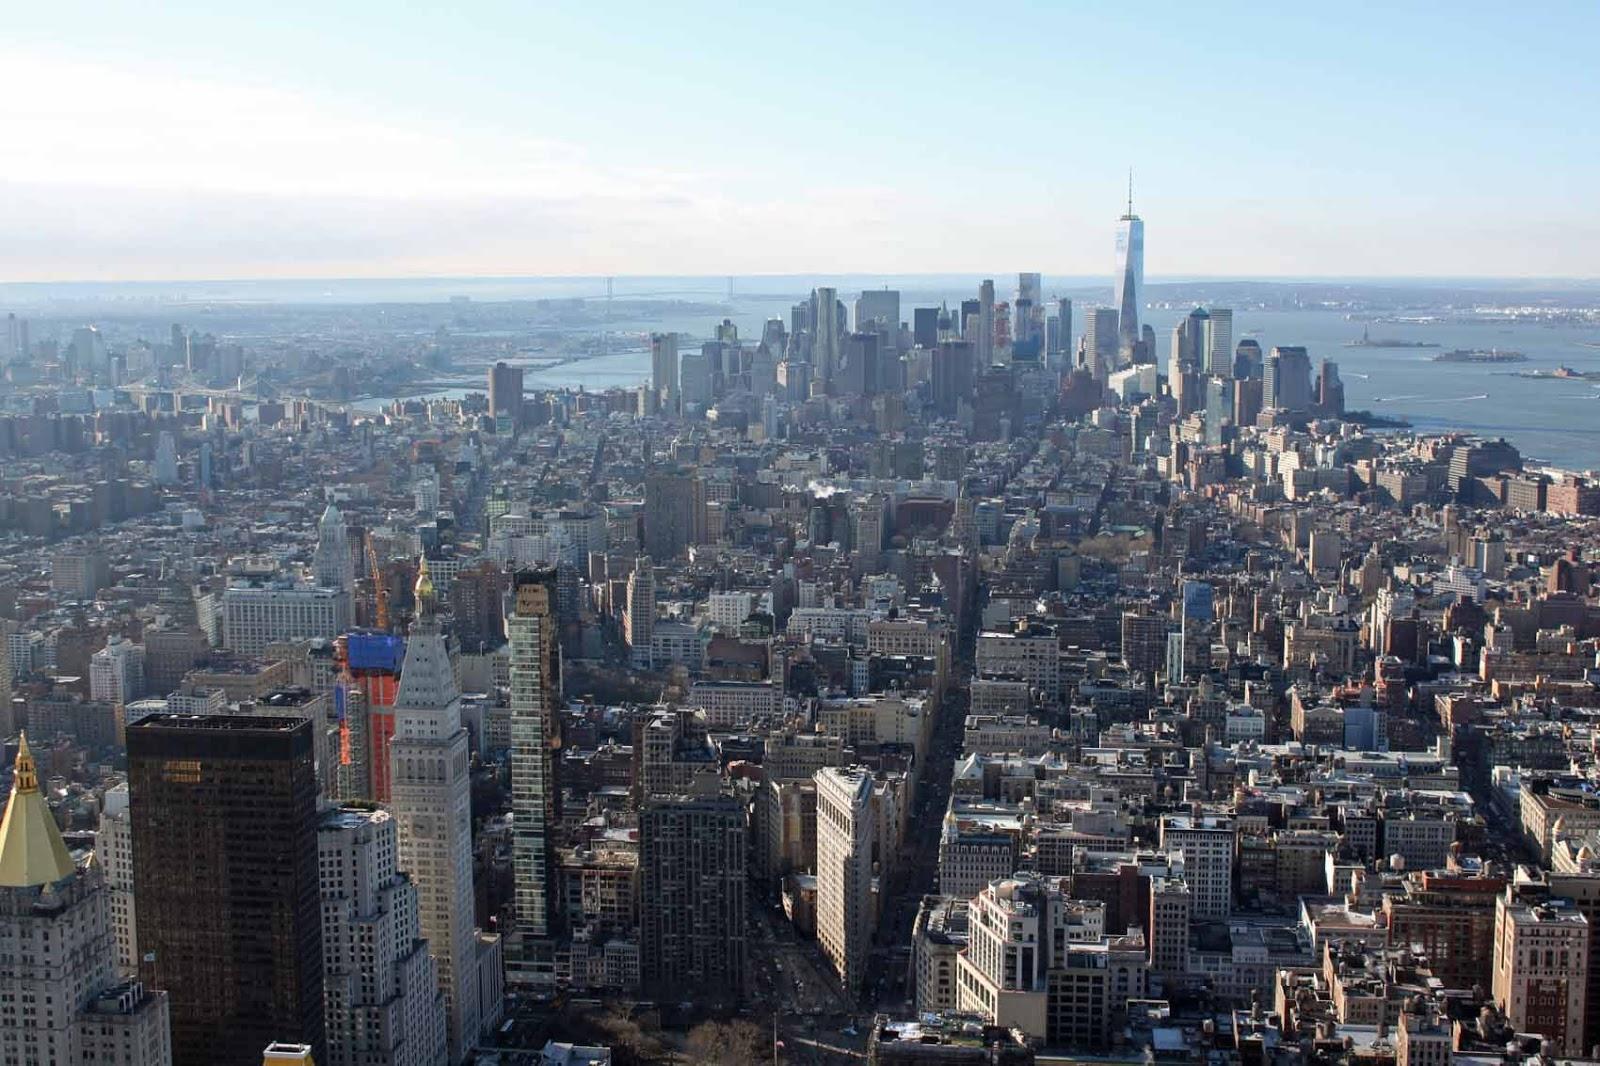 Manhattanin eteläpuoli